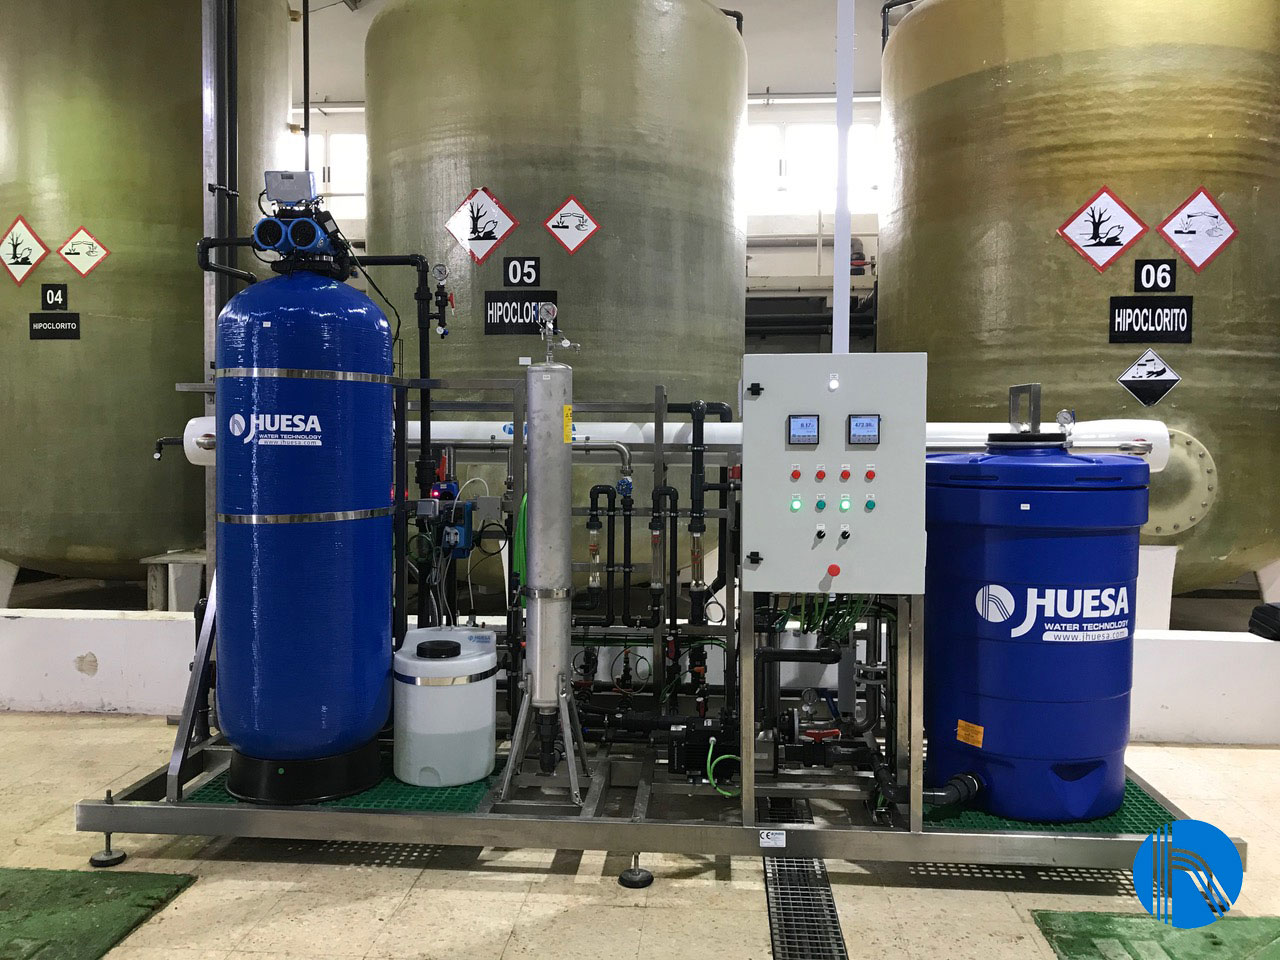 Adecuación del agua al proceso productivo de una industria de productos de limpieza nacional